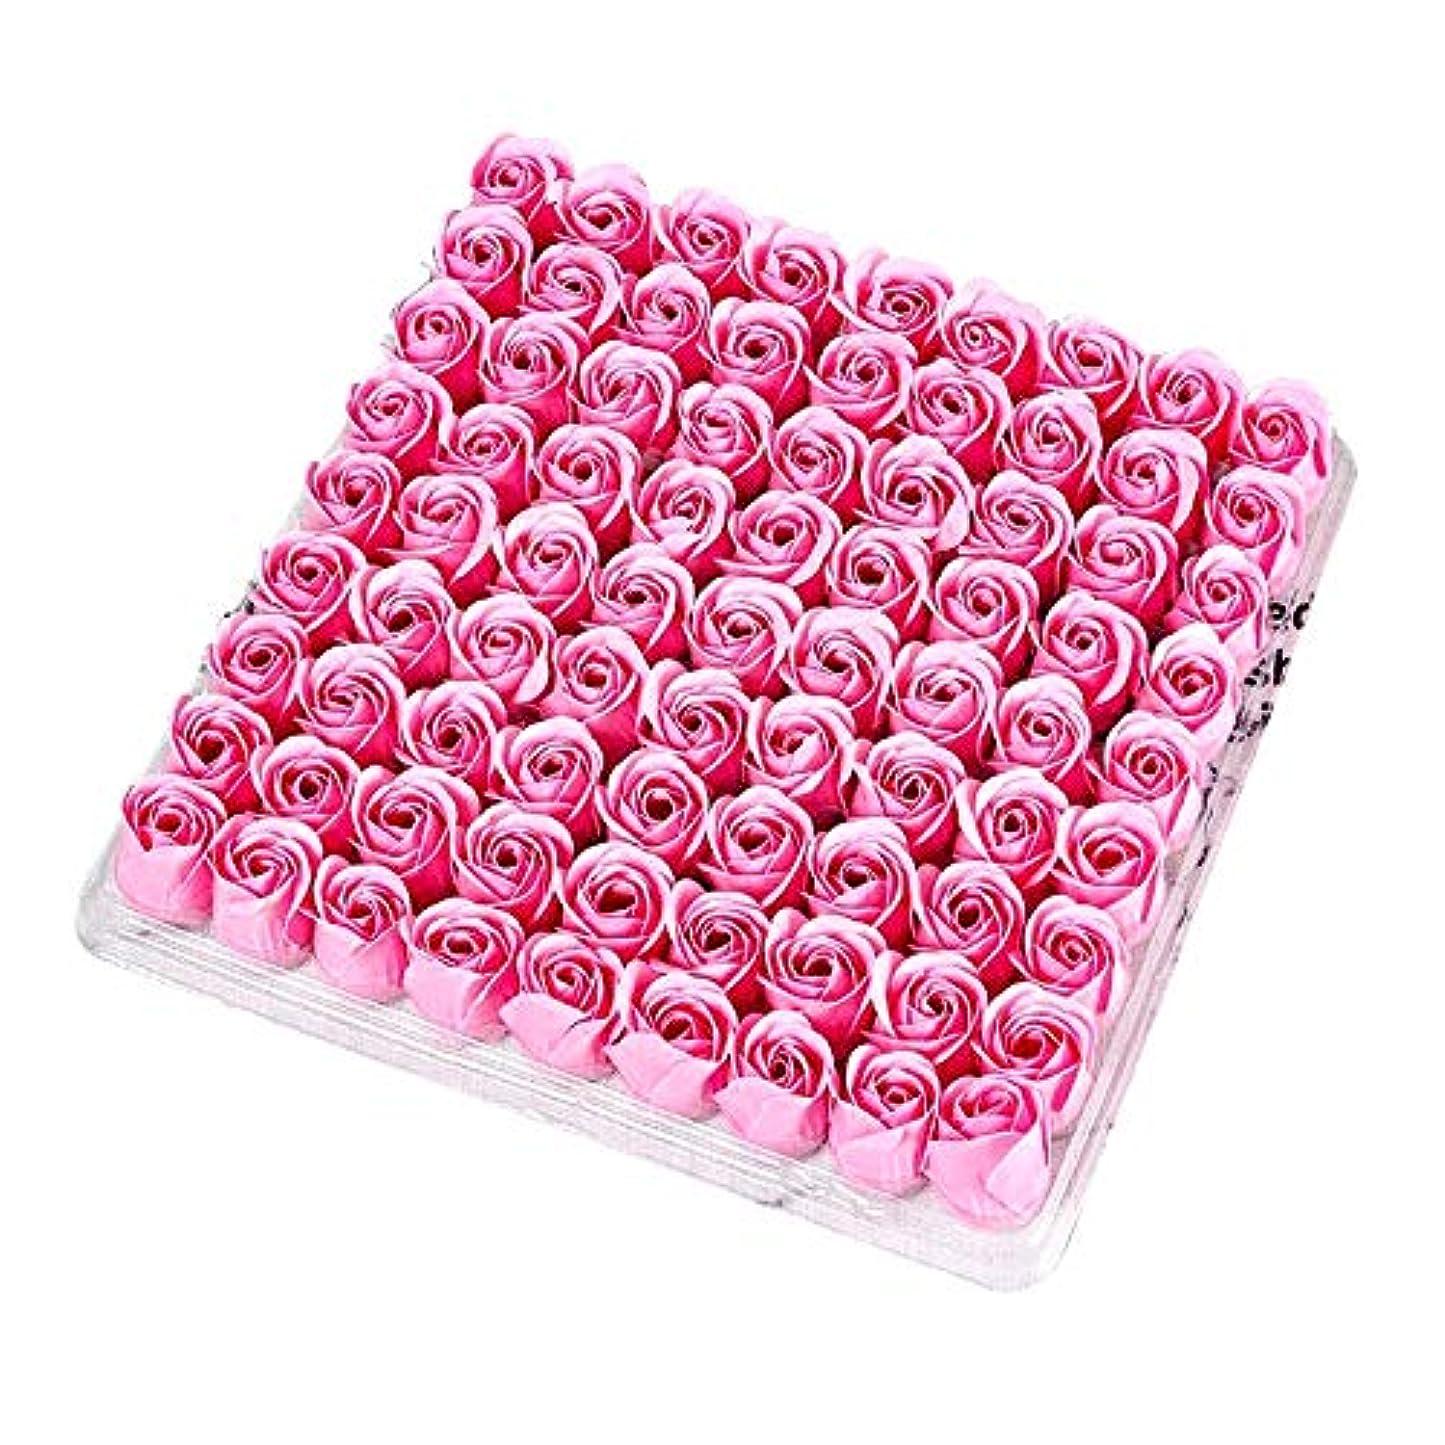 ゴージャス腫瘍磁気TOOGOO 81個の薔薇、バス ボディ フラワー?フローラルの石けん 香りのよいローズフラワー エッセンシャルオイル フローラルのお客様への石鹸 ウェディング、パーティー、バレンタインデーの贈り物、ピンク